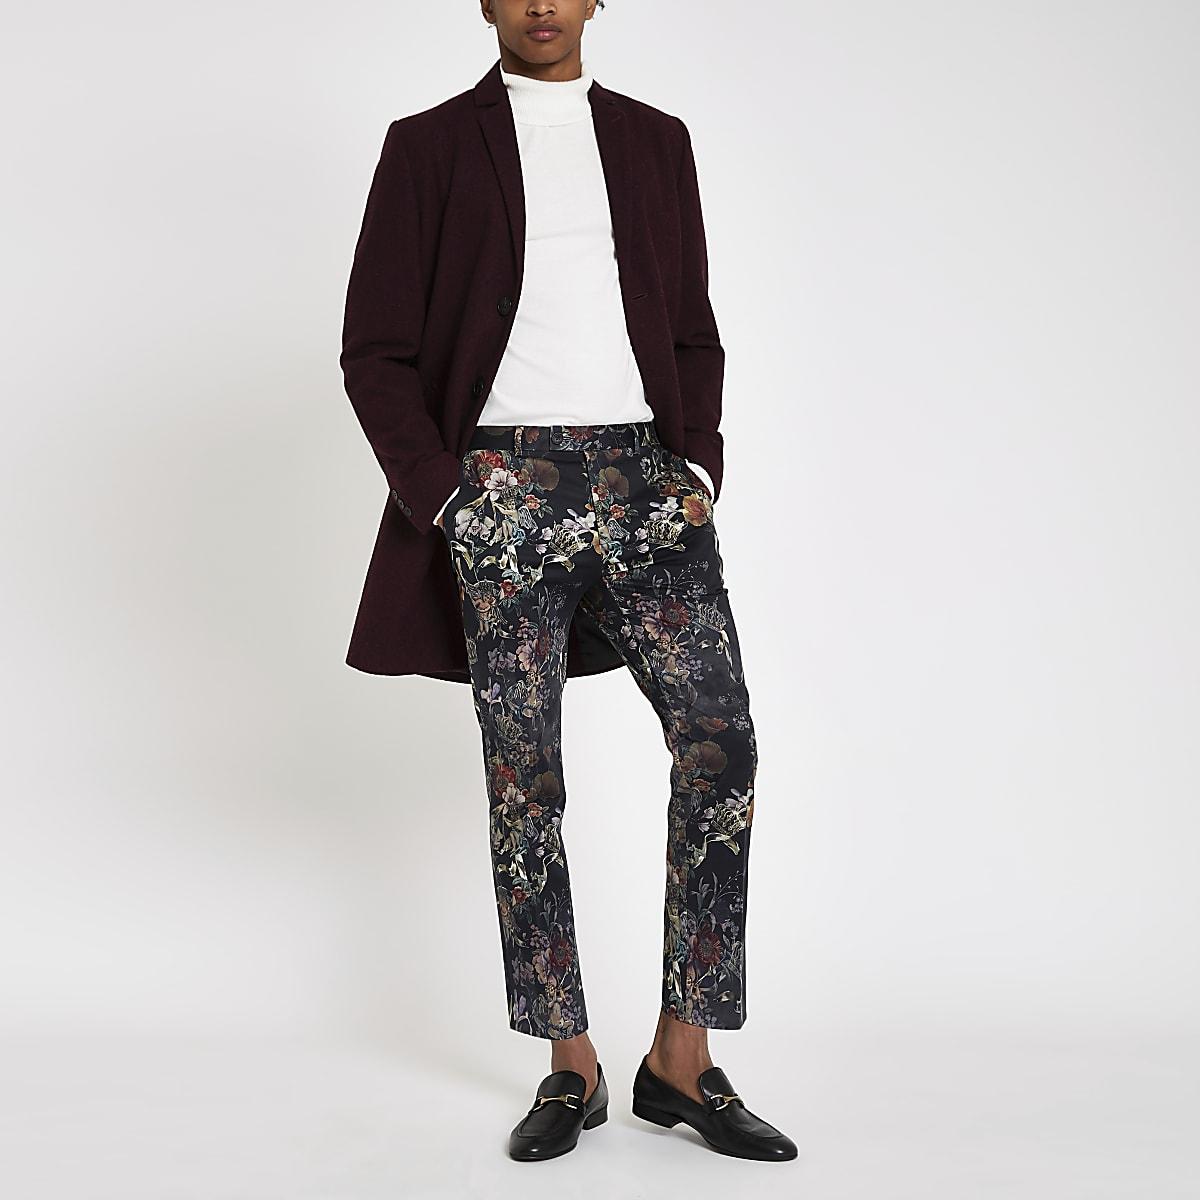 Ongekend Zwarte skinny cropped nette broek met bloemenprint   River Island WF-29